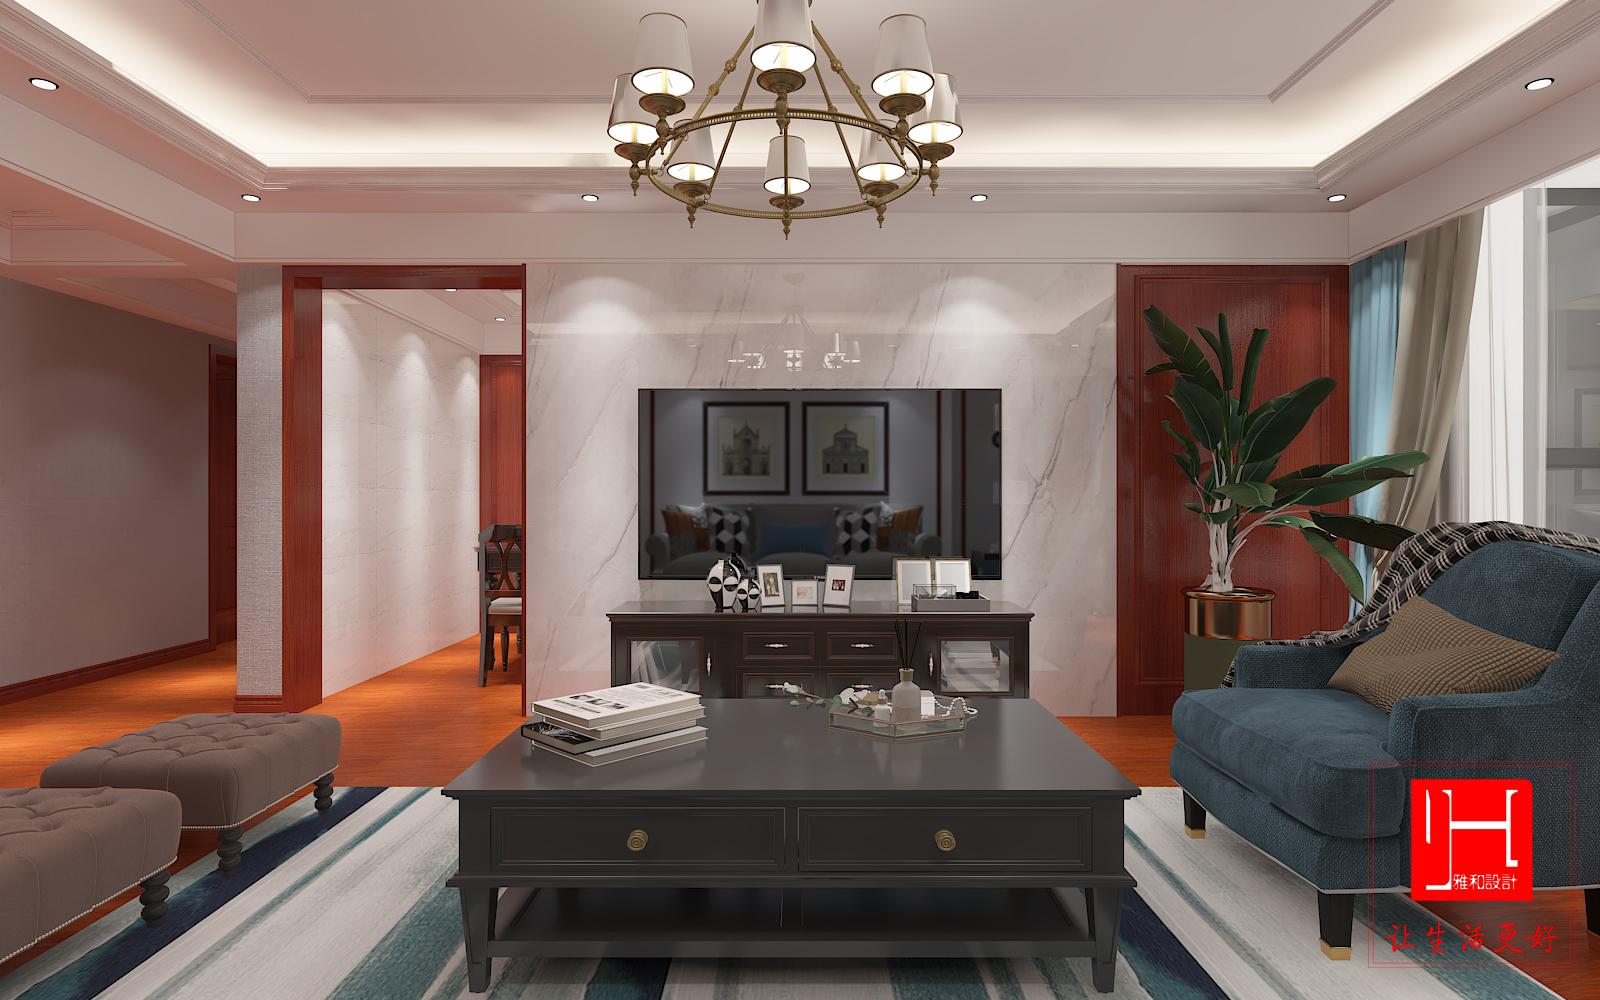 家装设计效果图施工图美式风格装修效果图施工图全案设计室内设计